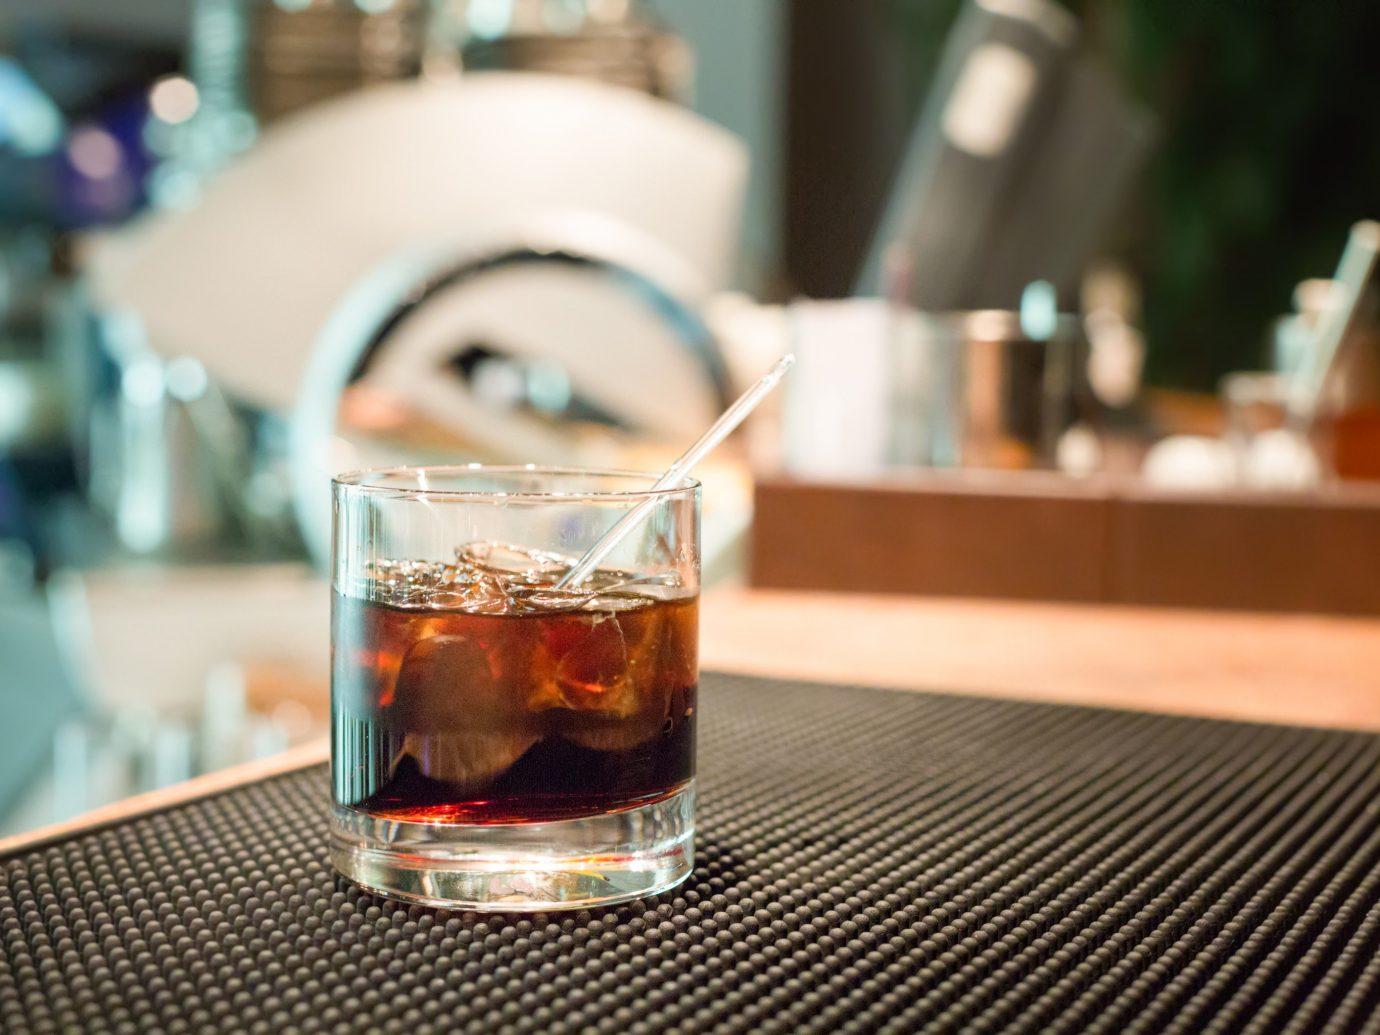 Food + Drink Trip Ideas table Drink indoor alcoholic beverage glass alcohol beverage distilled beverage beer restaurant sense whisky Bar cocktail